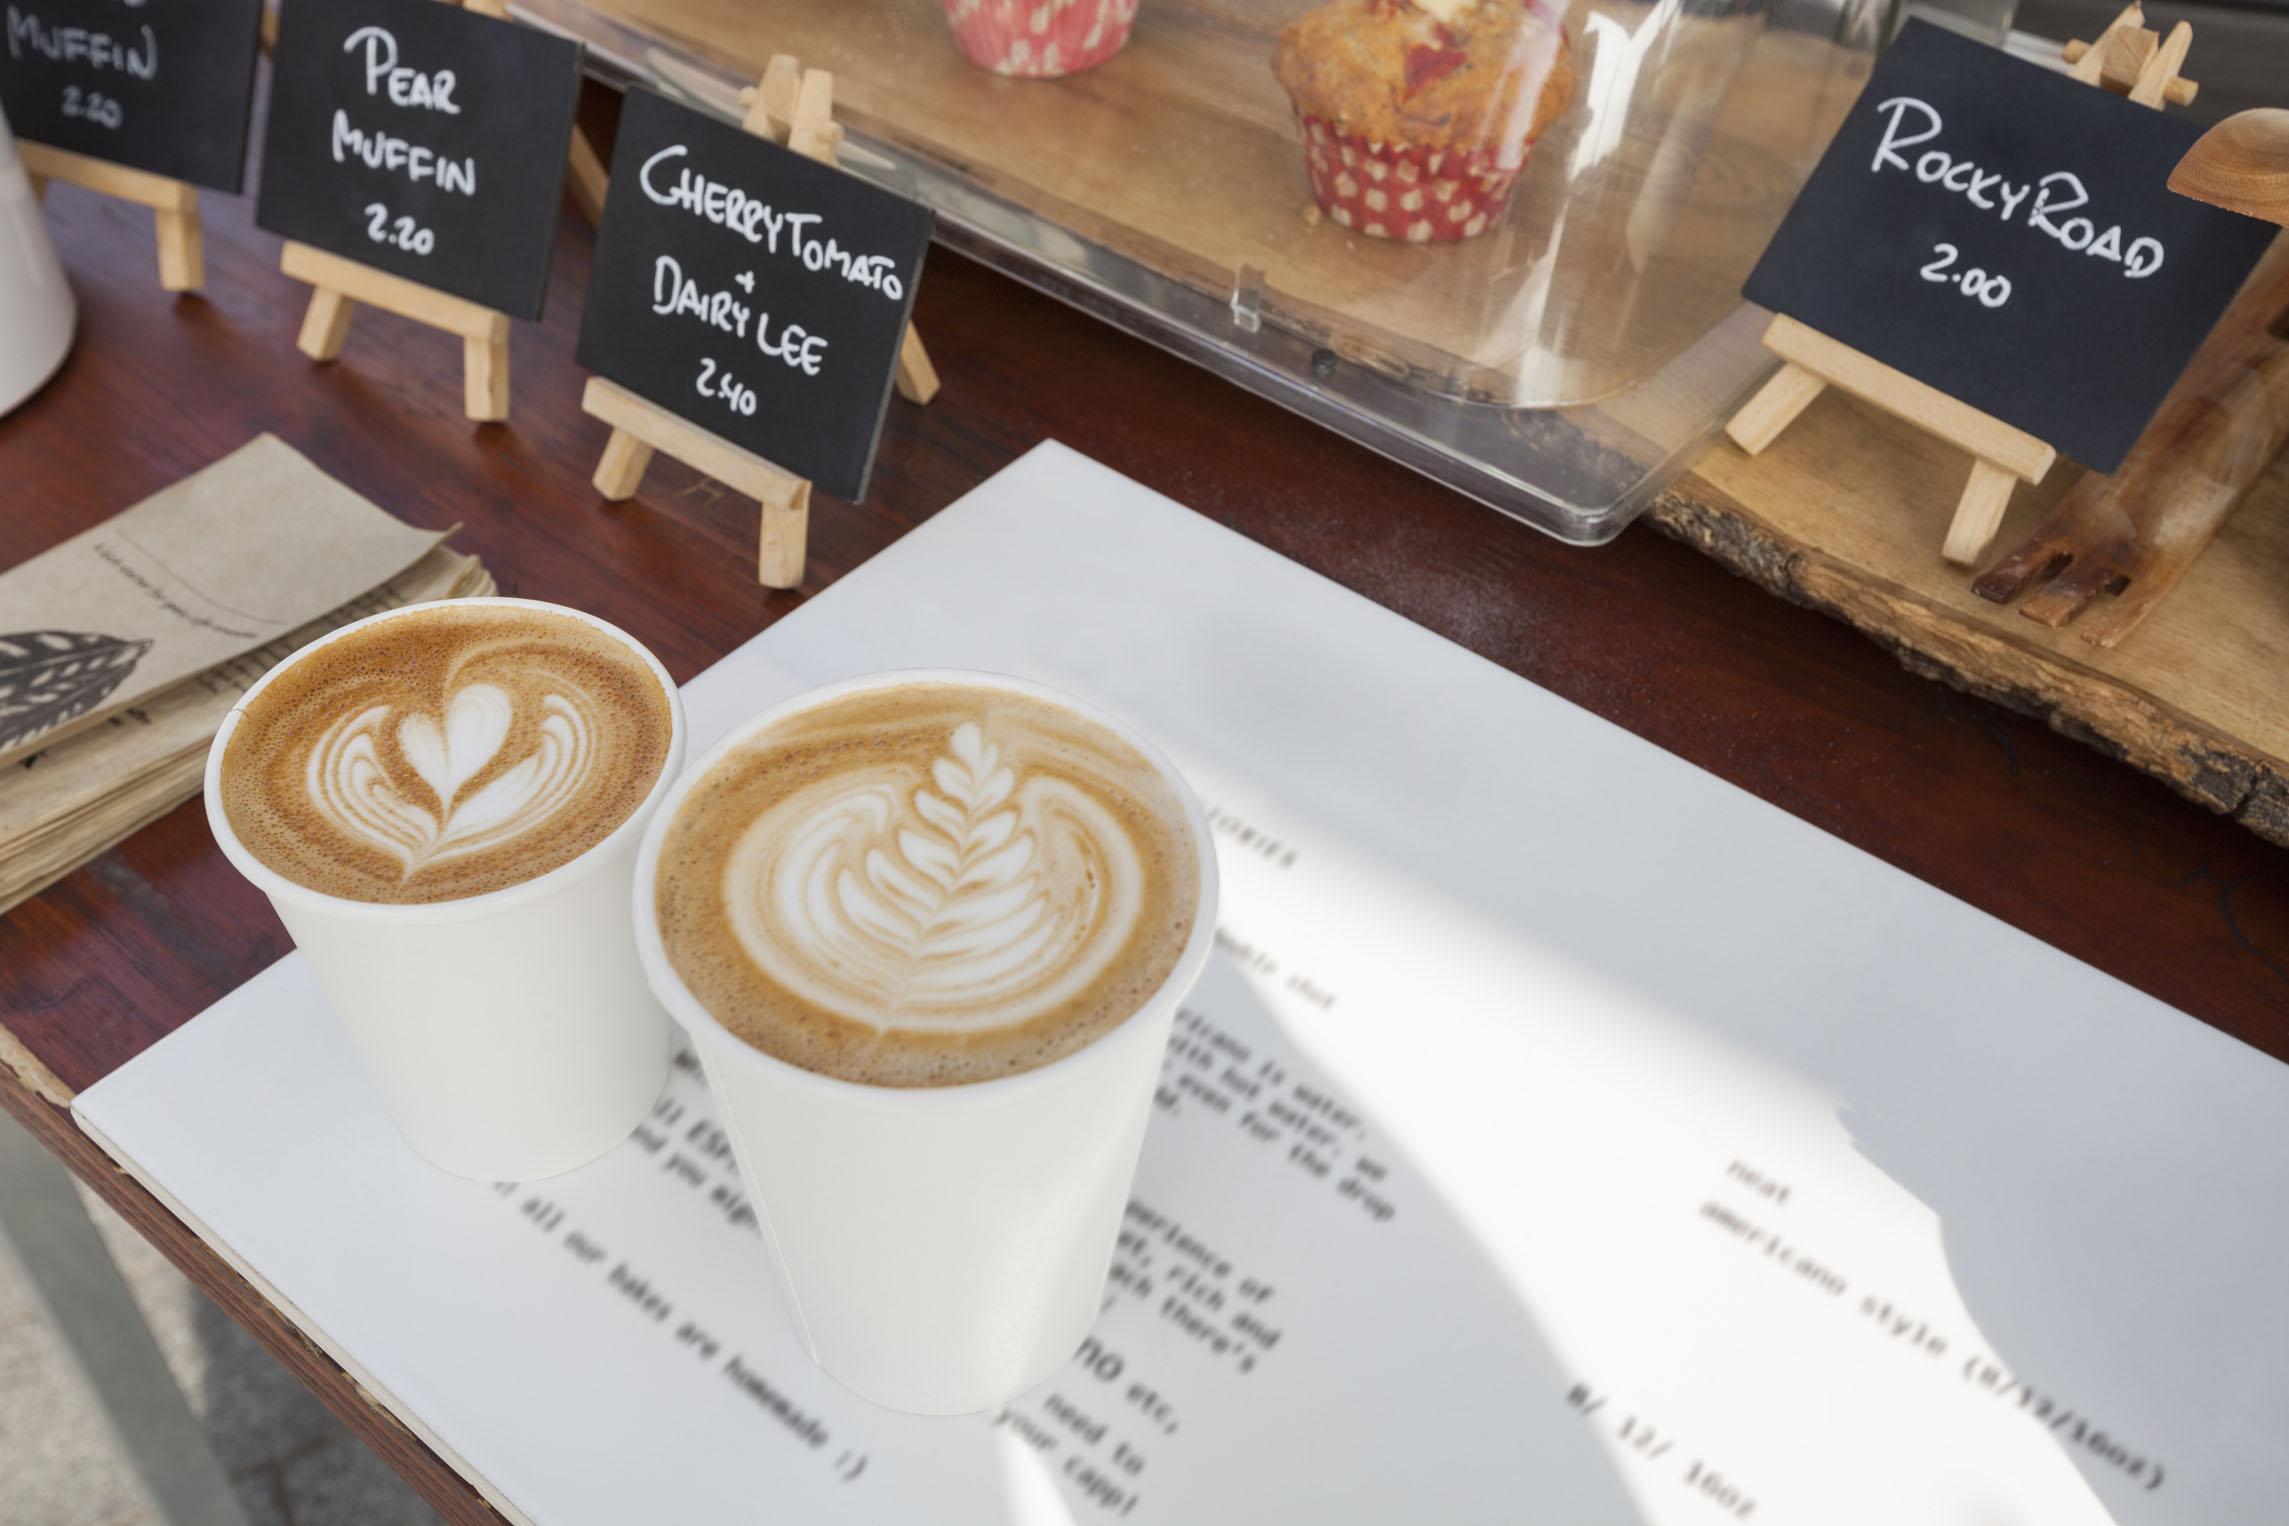 一词:为什么星巴克总用白杯子装咖啡?这是个心理学花招